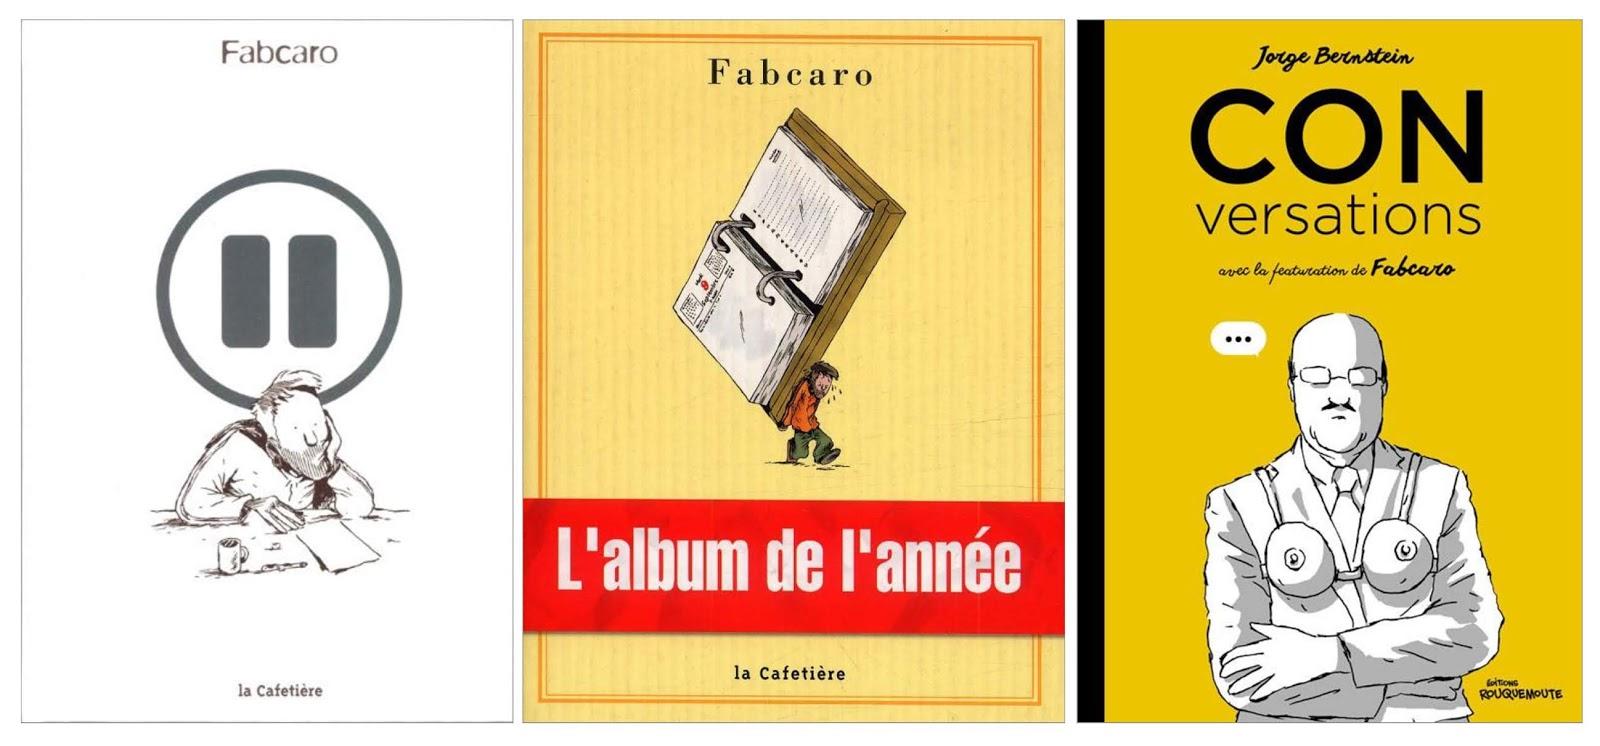 Bernstein Salle De Bain pause, l'album de l'année, fabcaro - conversations, jorge